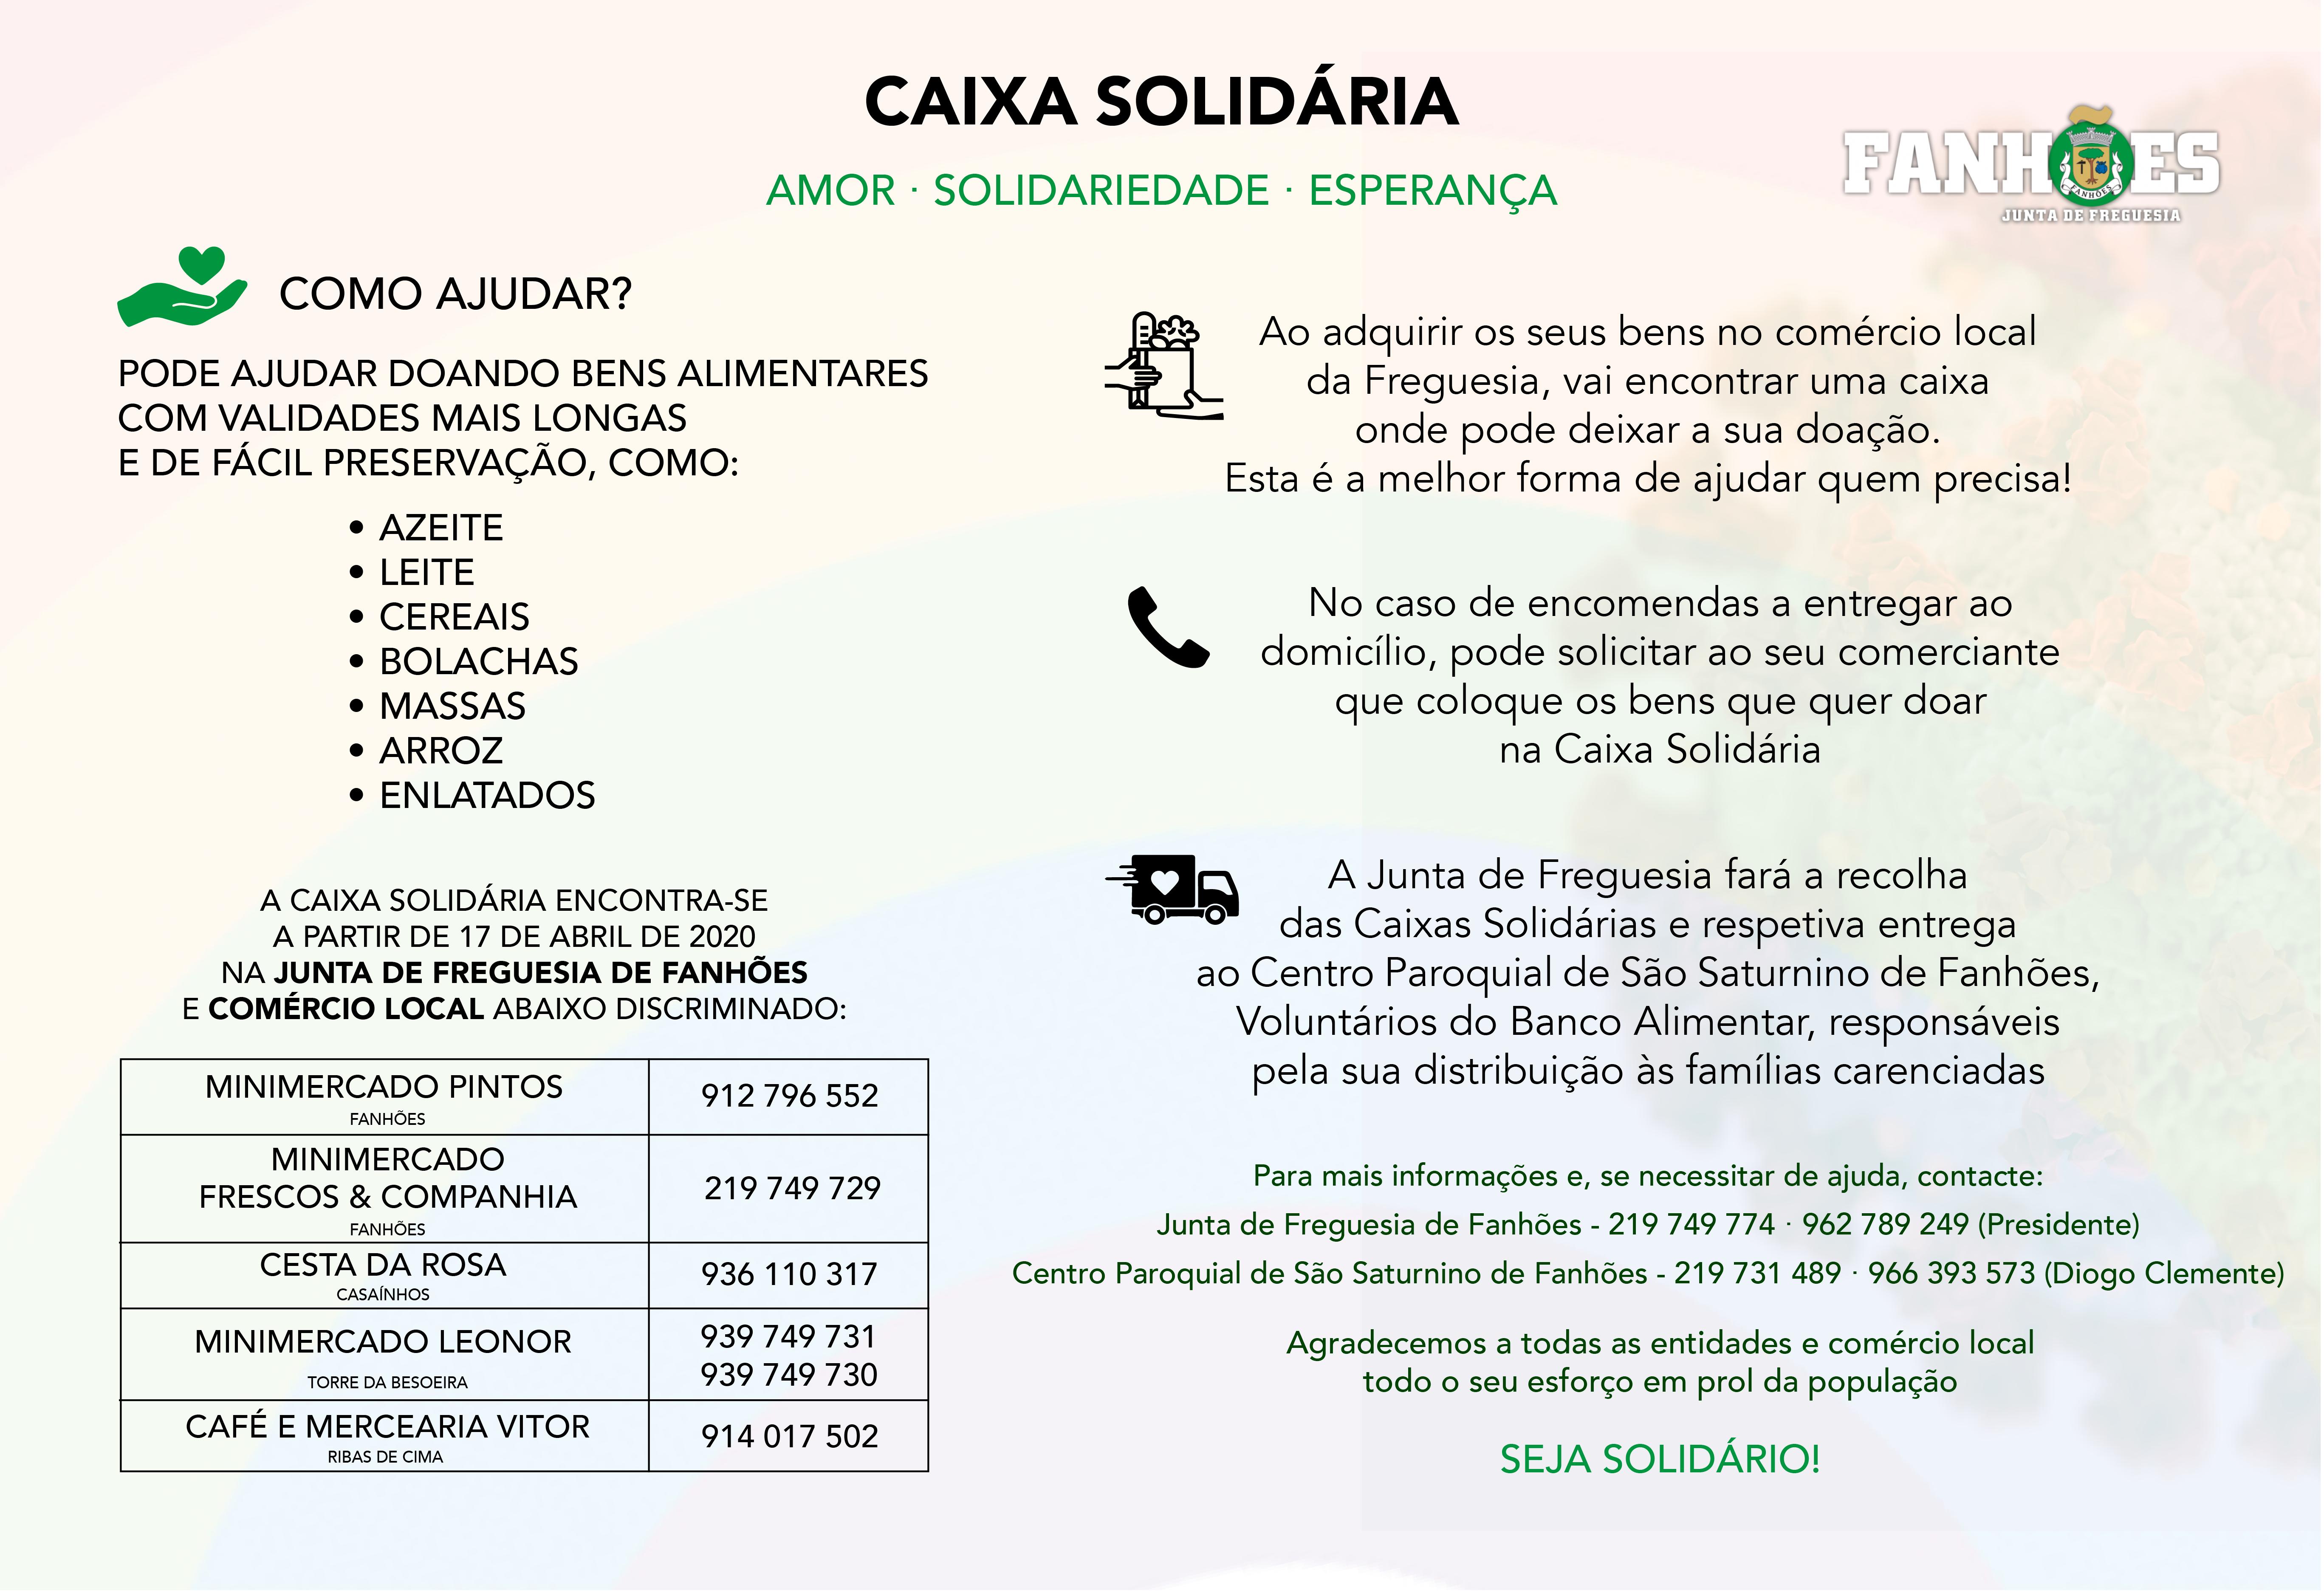 CAIXA SOLIDÁRIA – A sua ajuda é essencial e o momento é de Amor, Solidariedade e Esperança!